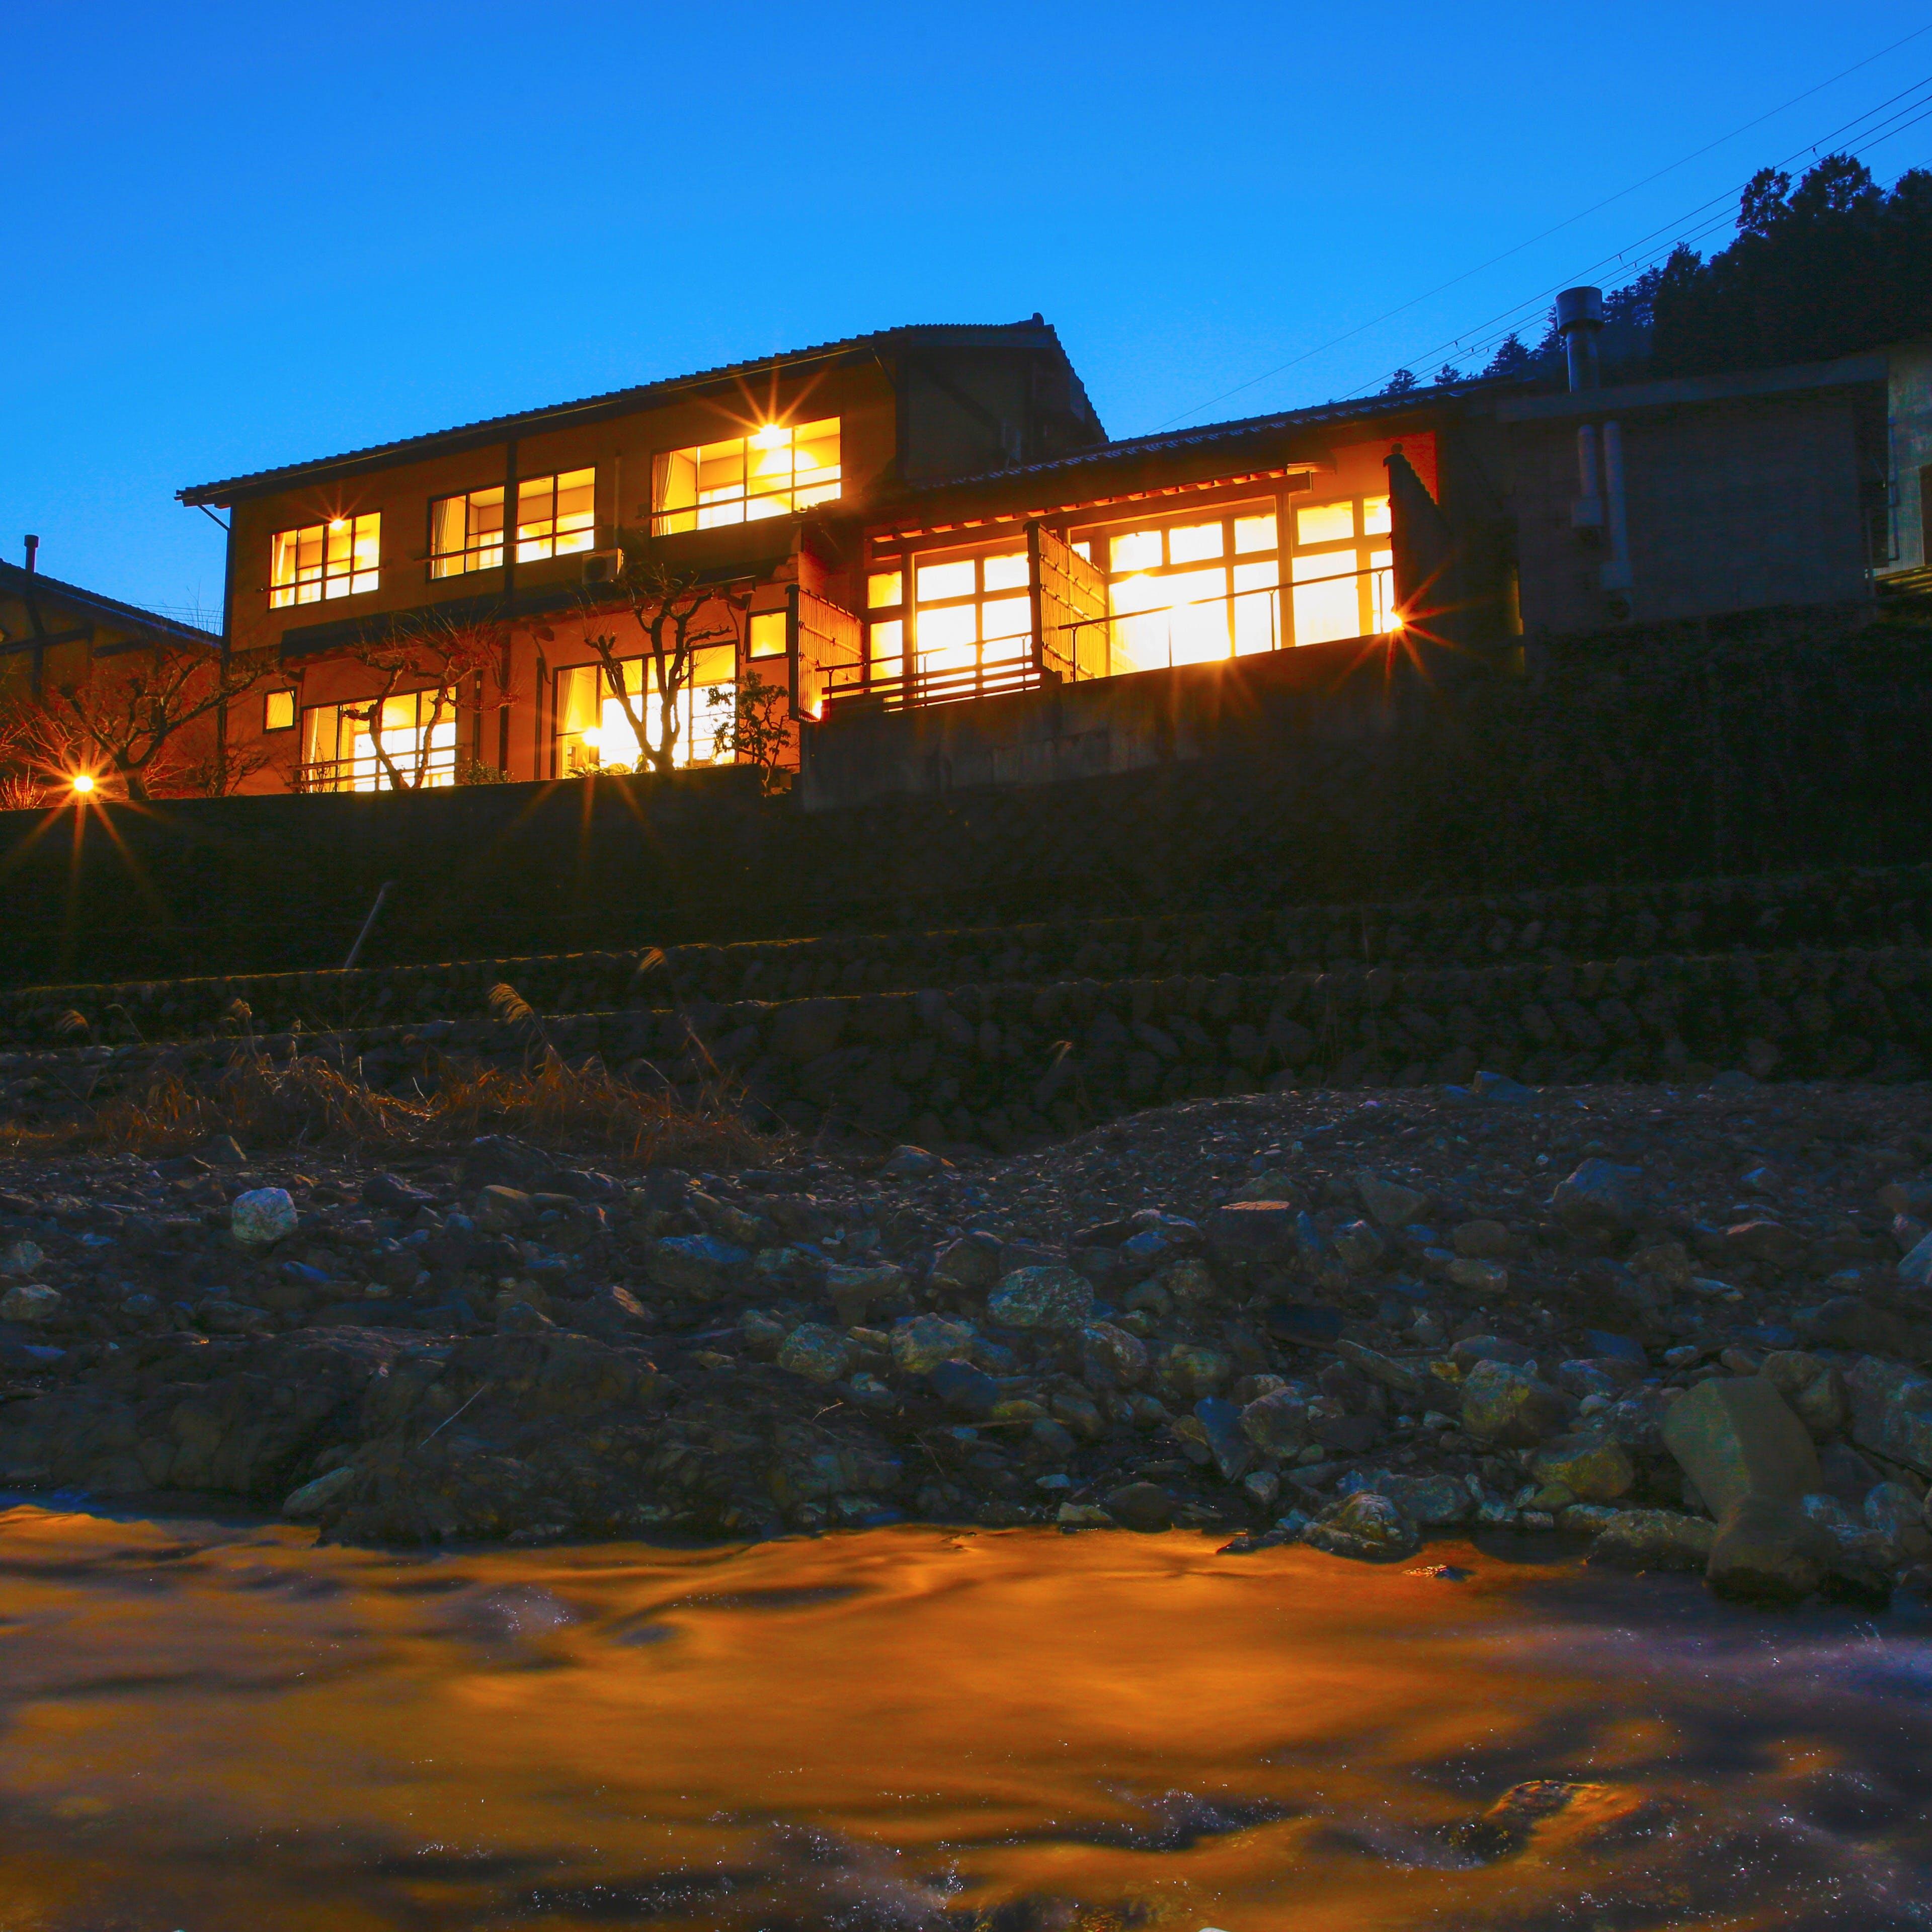 美山川の悠久の流れそのままに110余年、閑静な山間に佇む宿